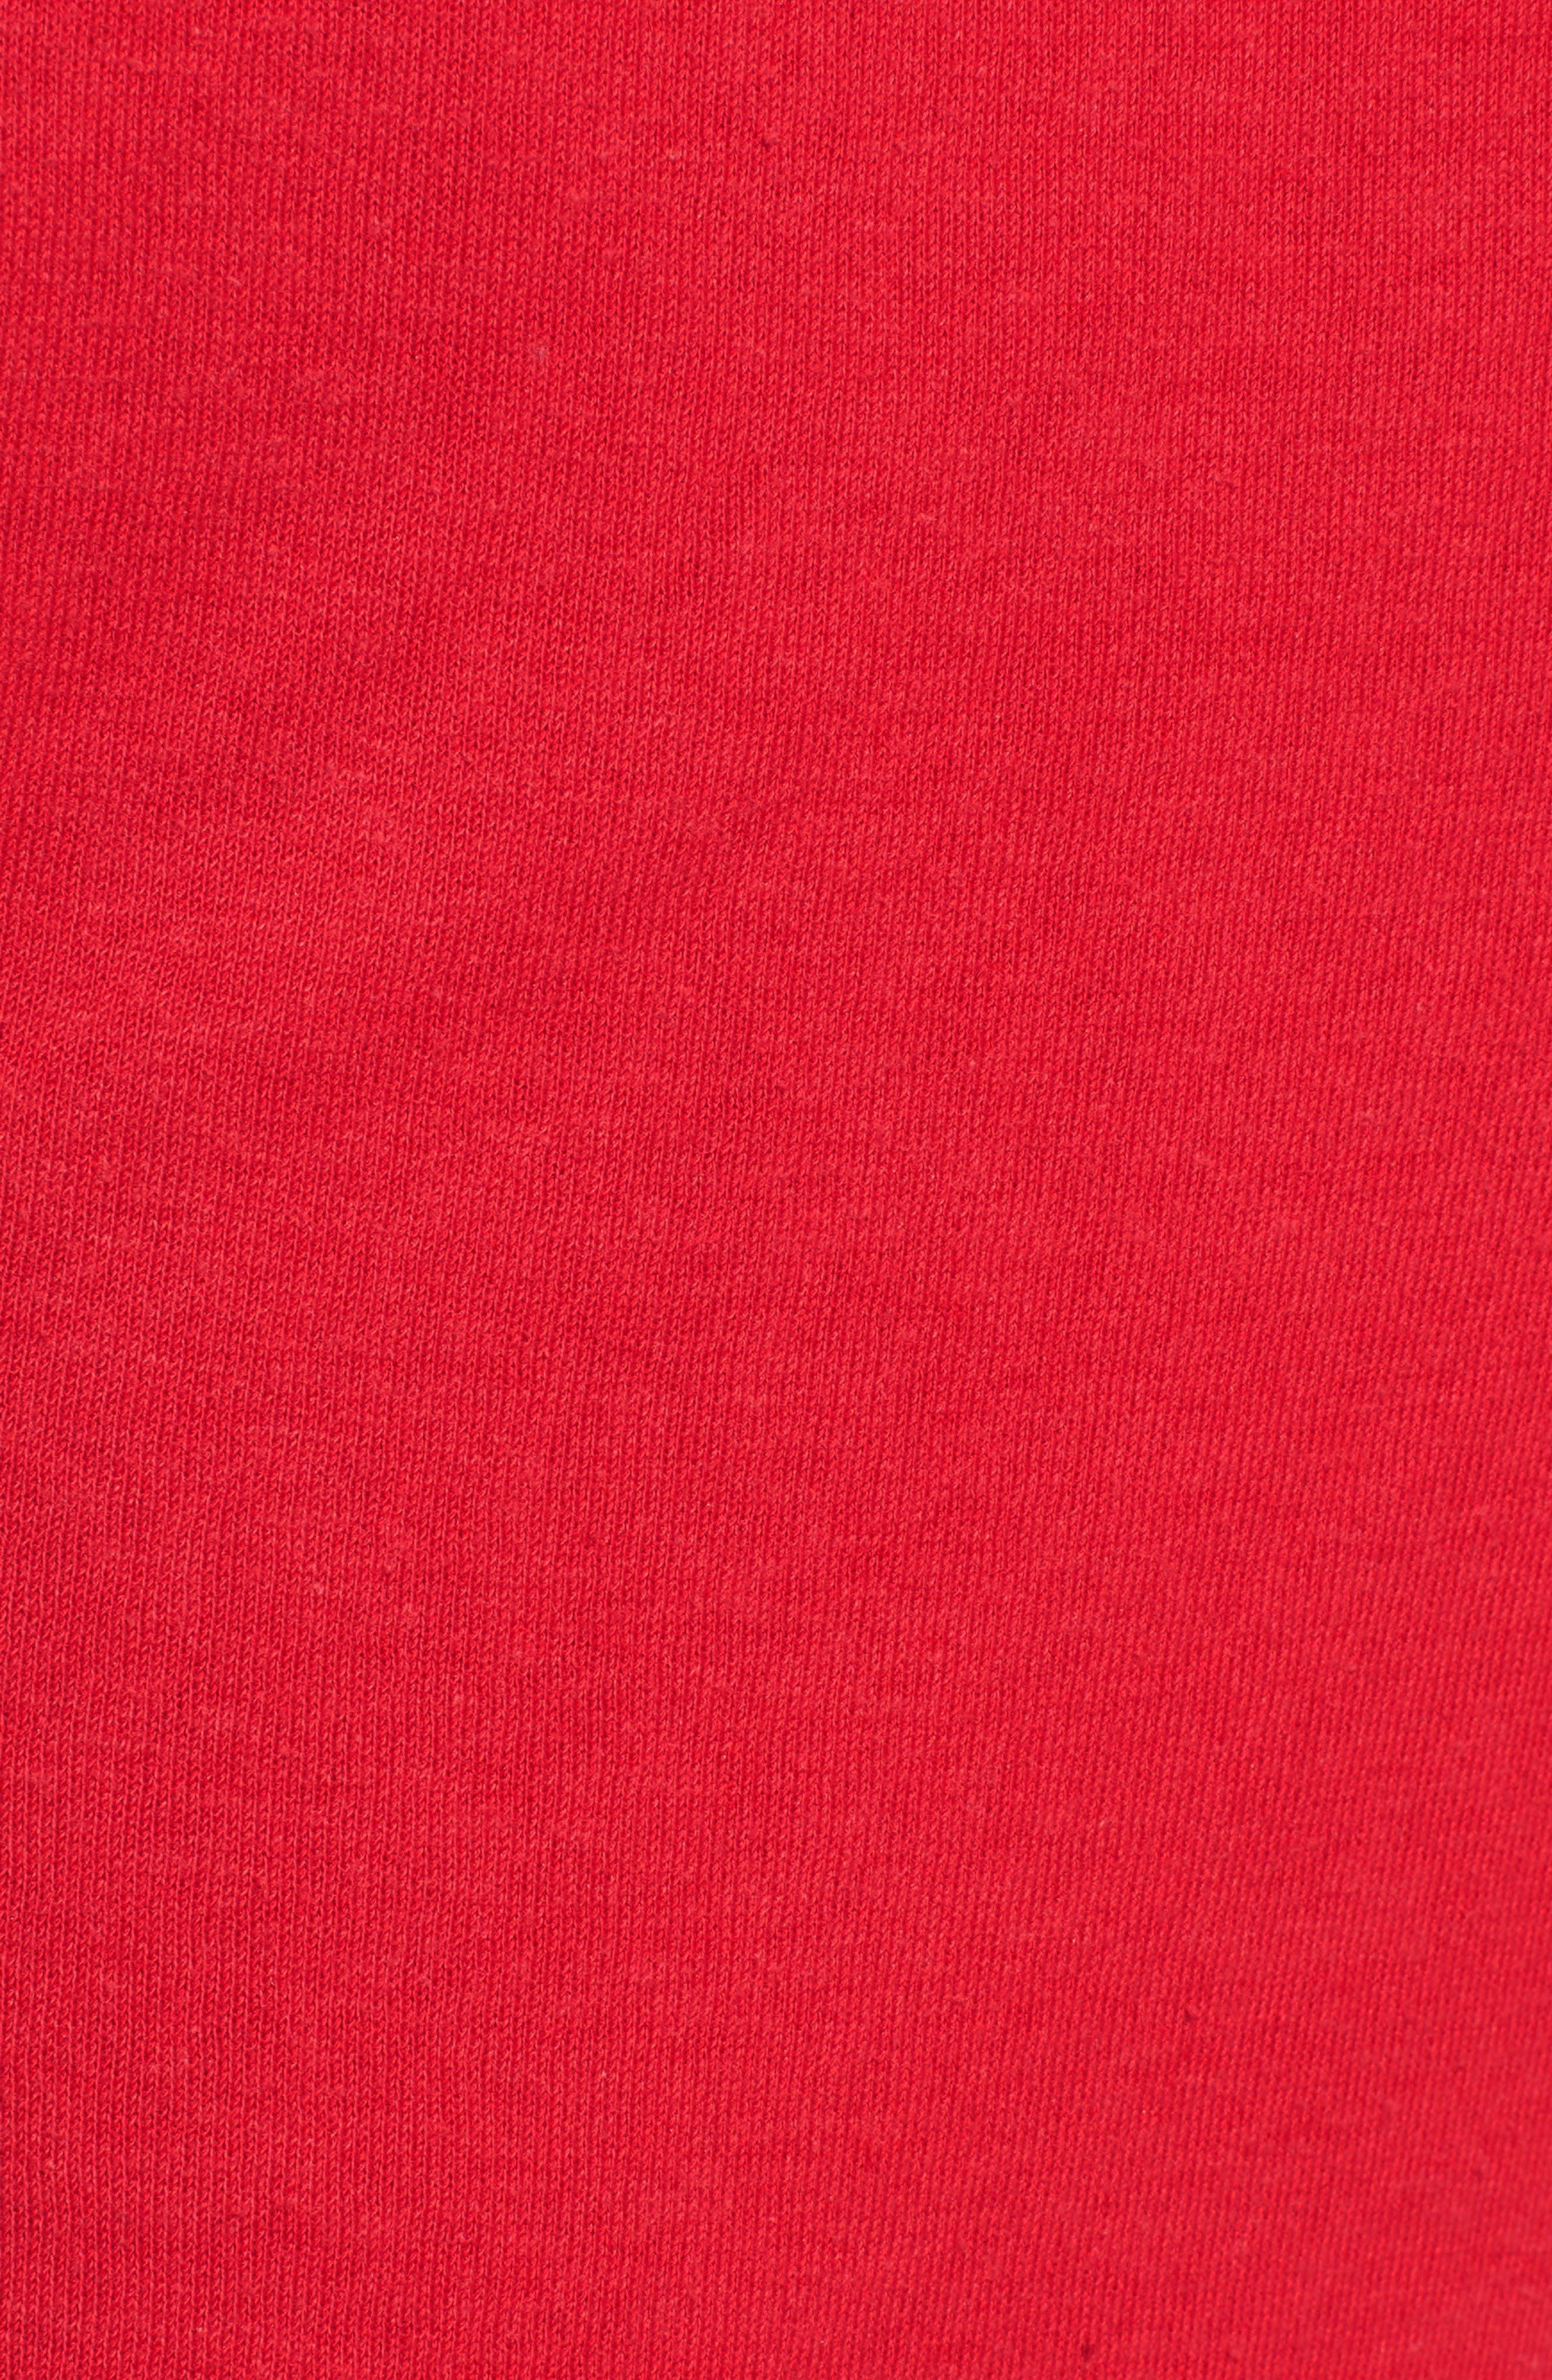 Cambridge Crop Sweatpants,                             Alternate thumbnail 6, color,                             Cherry